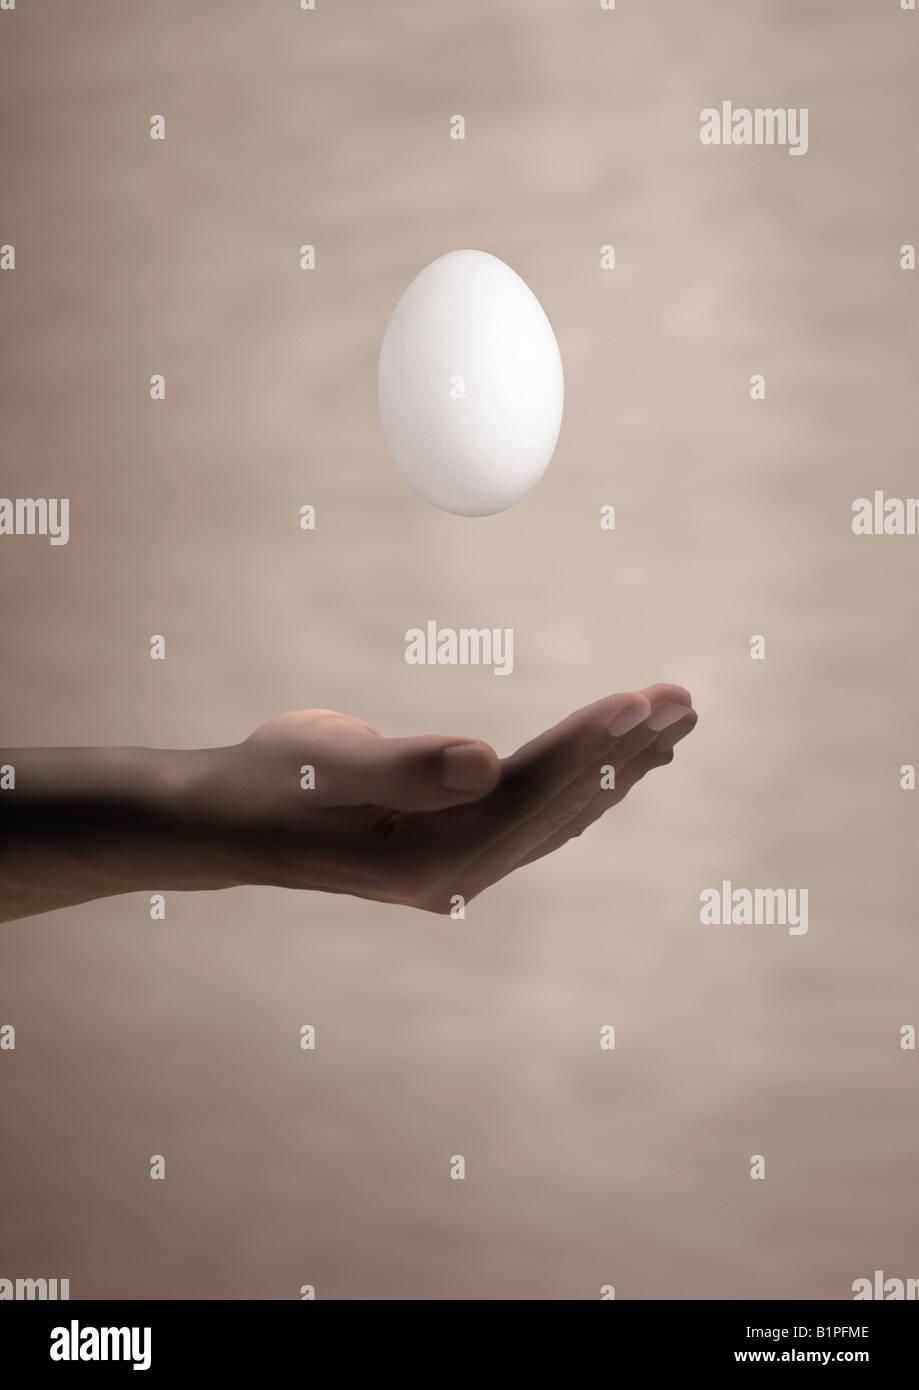 floating egg schwebendes fallendes Ei über einer Hand - Stock Image